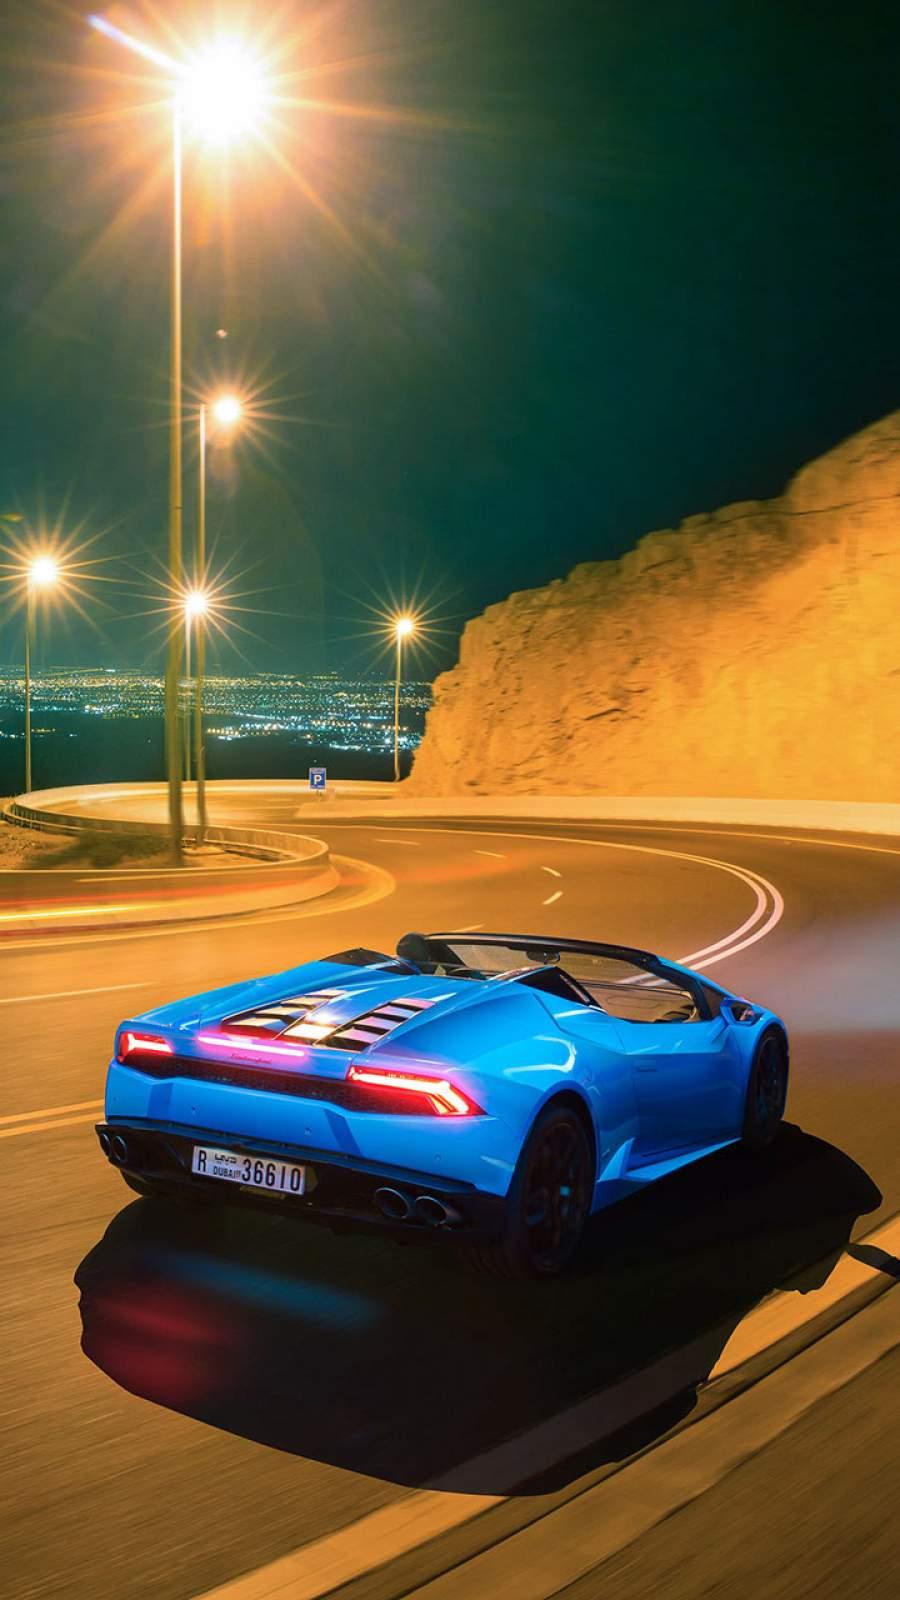 Convertible Lamborghini iPhone Wallpaper